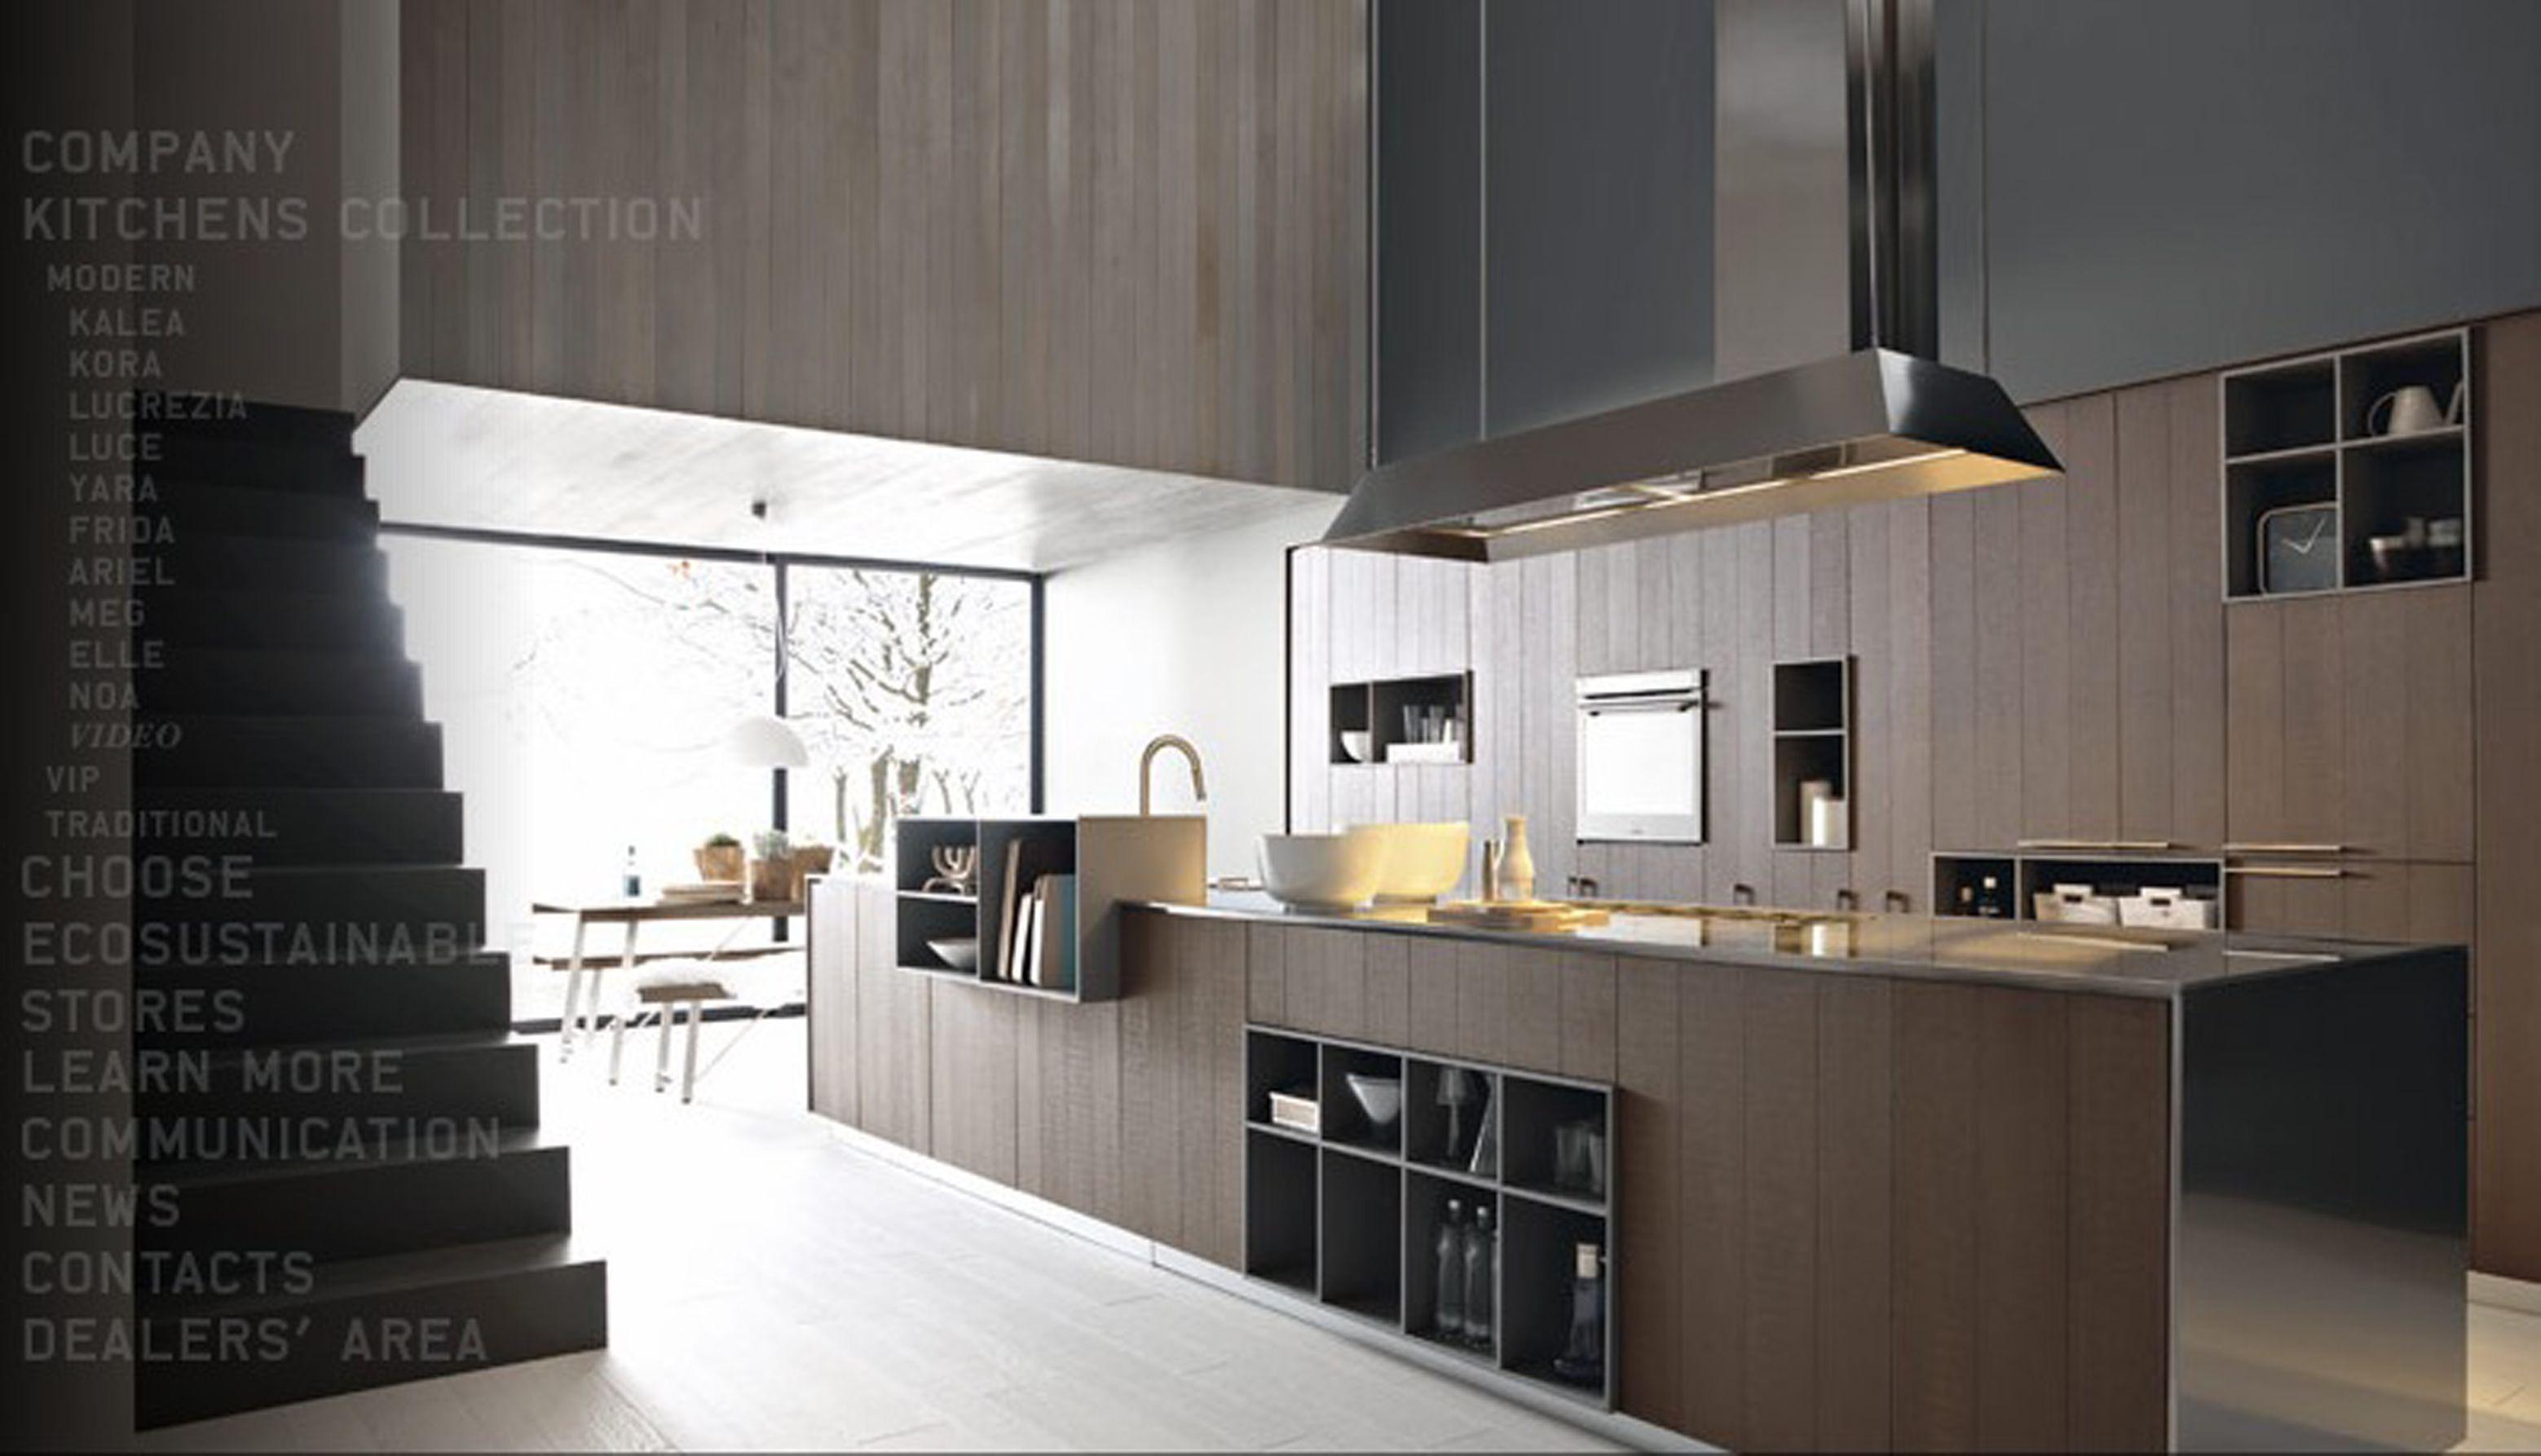 shaker kitchen design ideas kitchen wall design ideas kitchen design lighting ideas #Kitchen